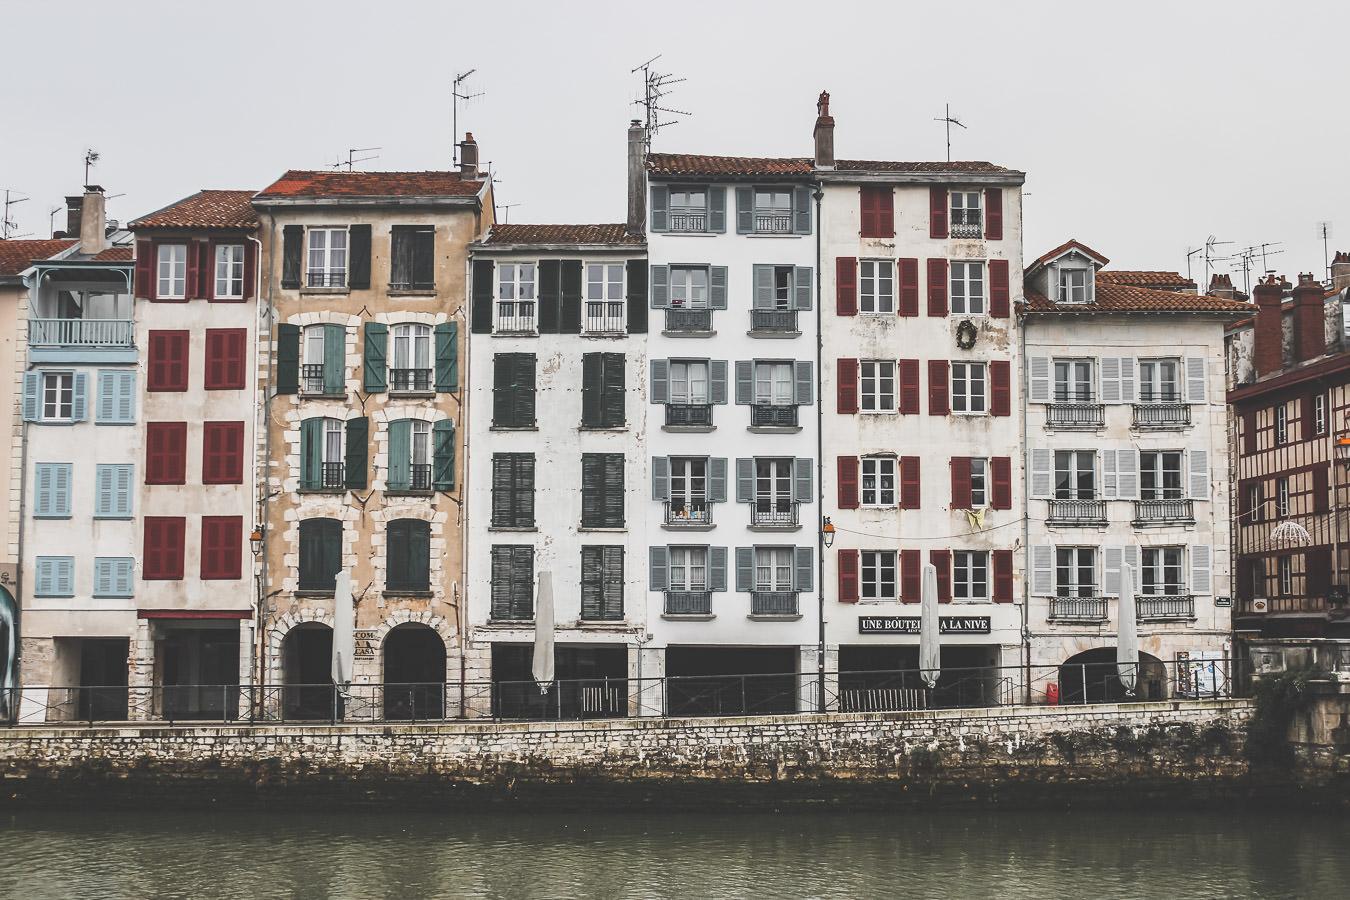 le pays basque et ses maisons typiques rouges et vertes